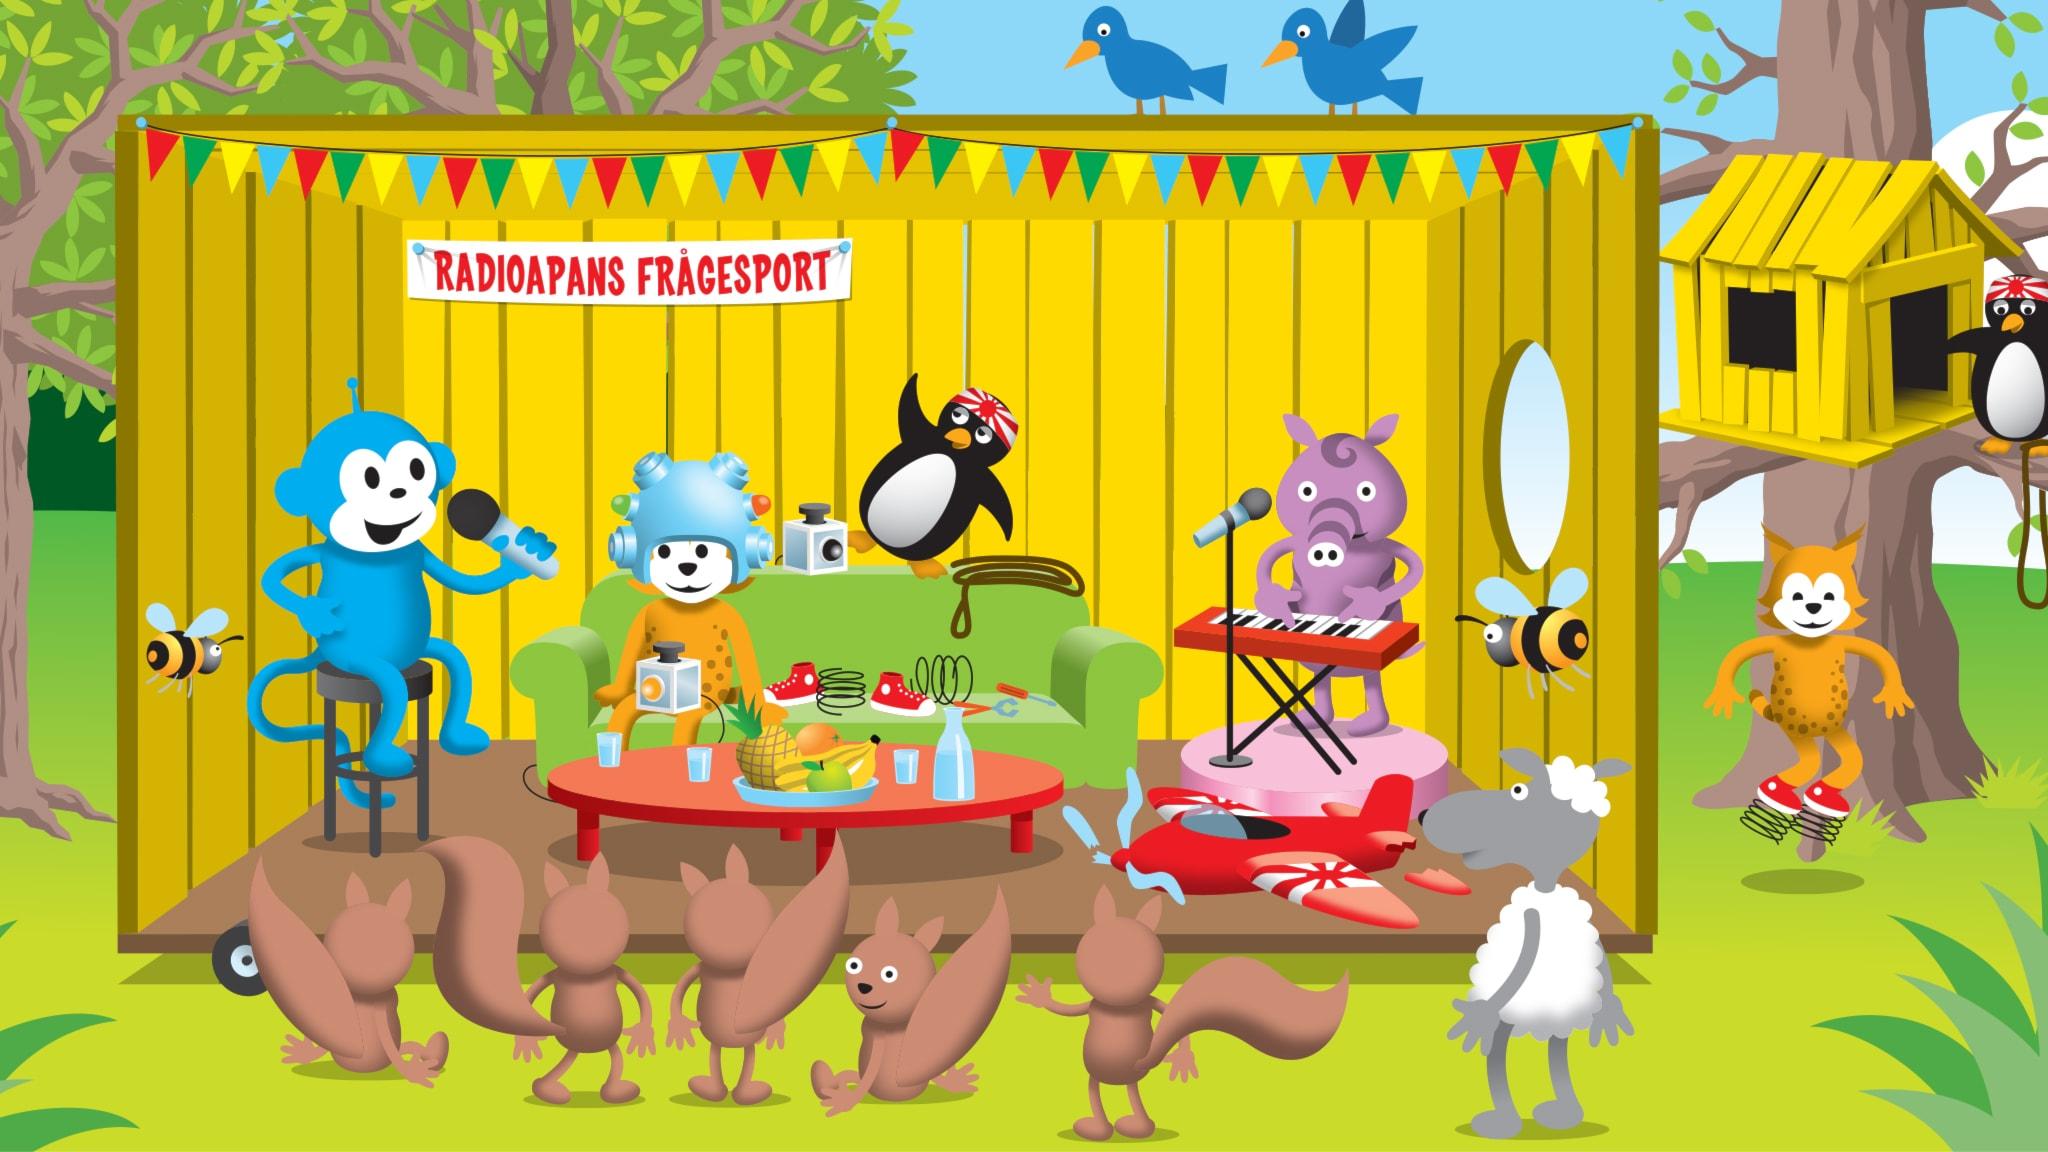 Del 6: Vilket djur kan hoppa högre än Radioapans koja?